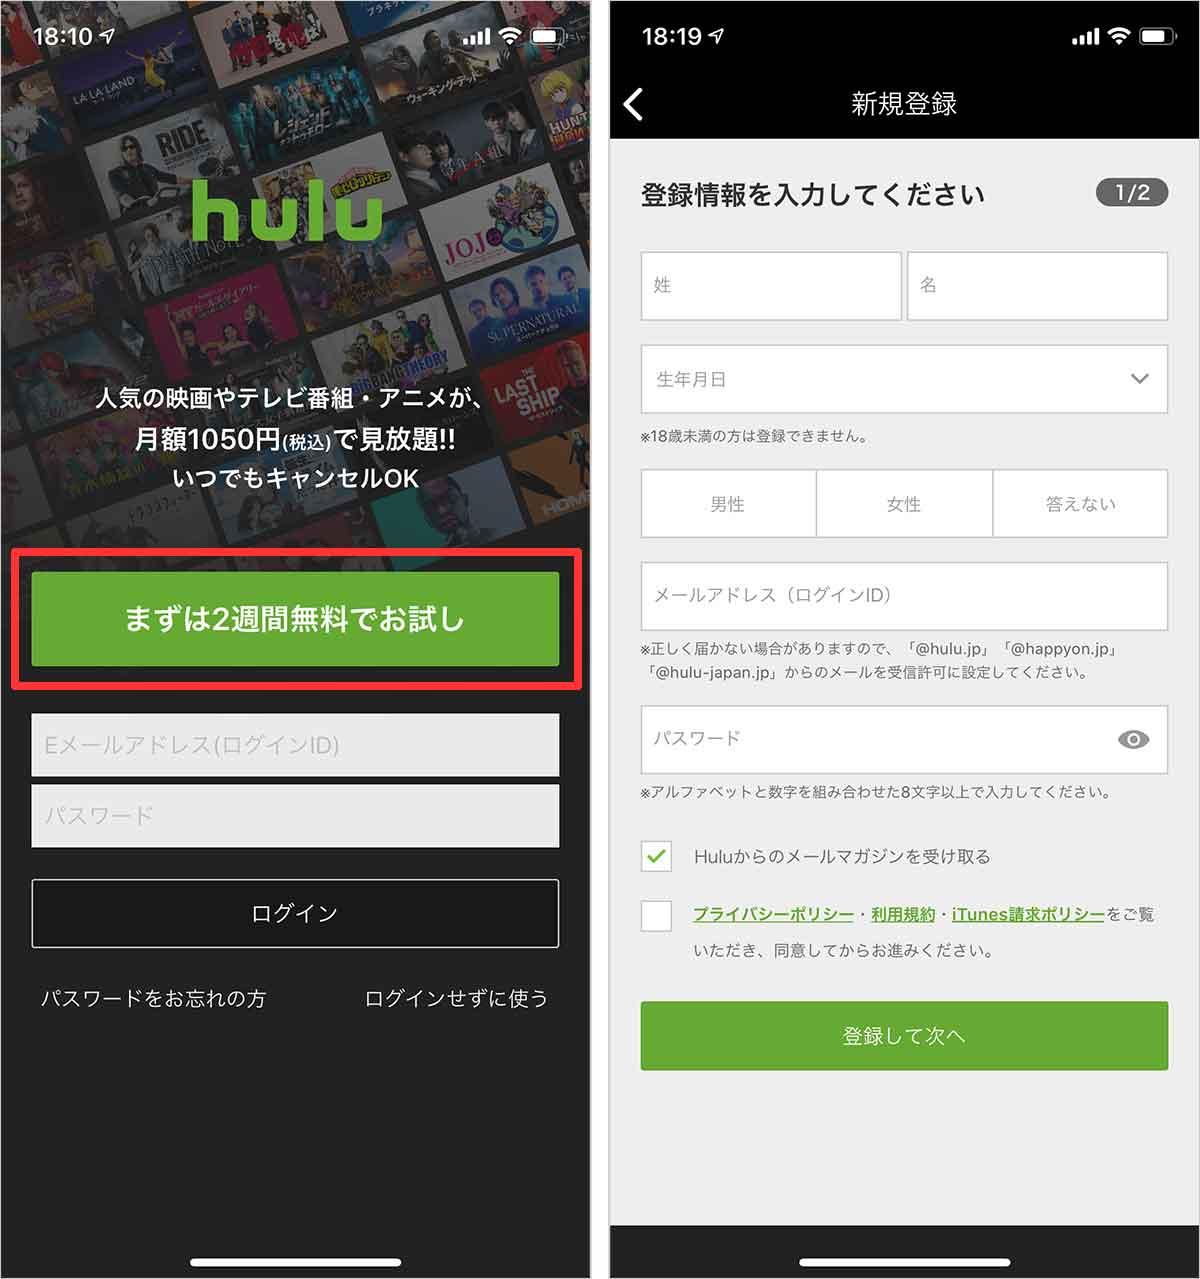 アプリでHulu無料トライアル